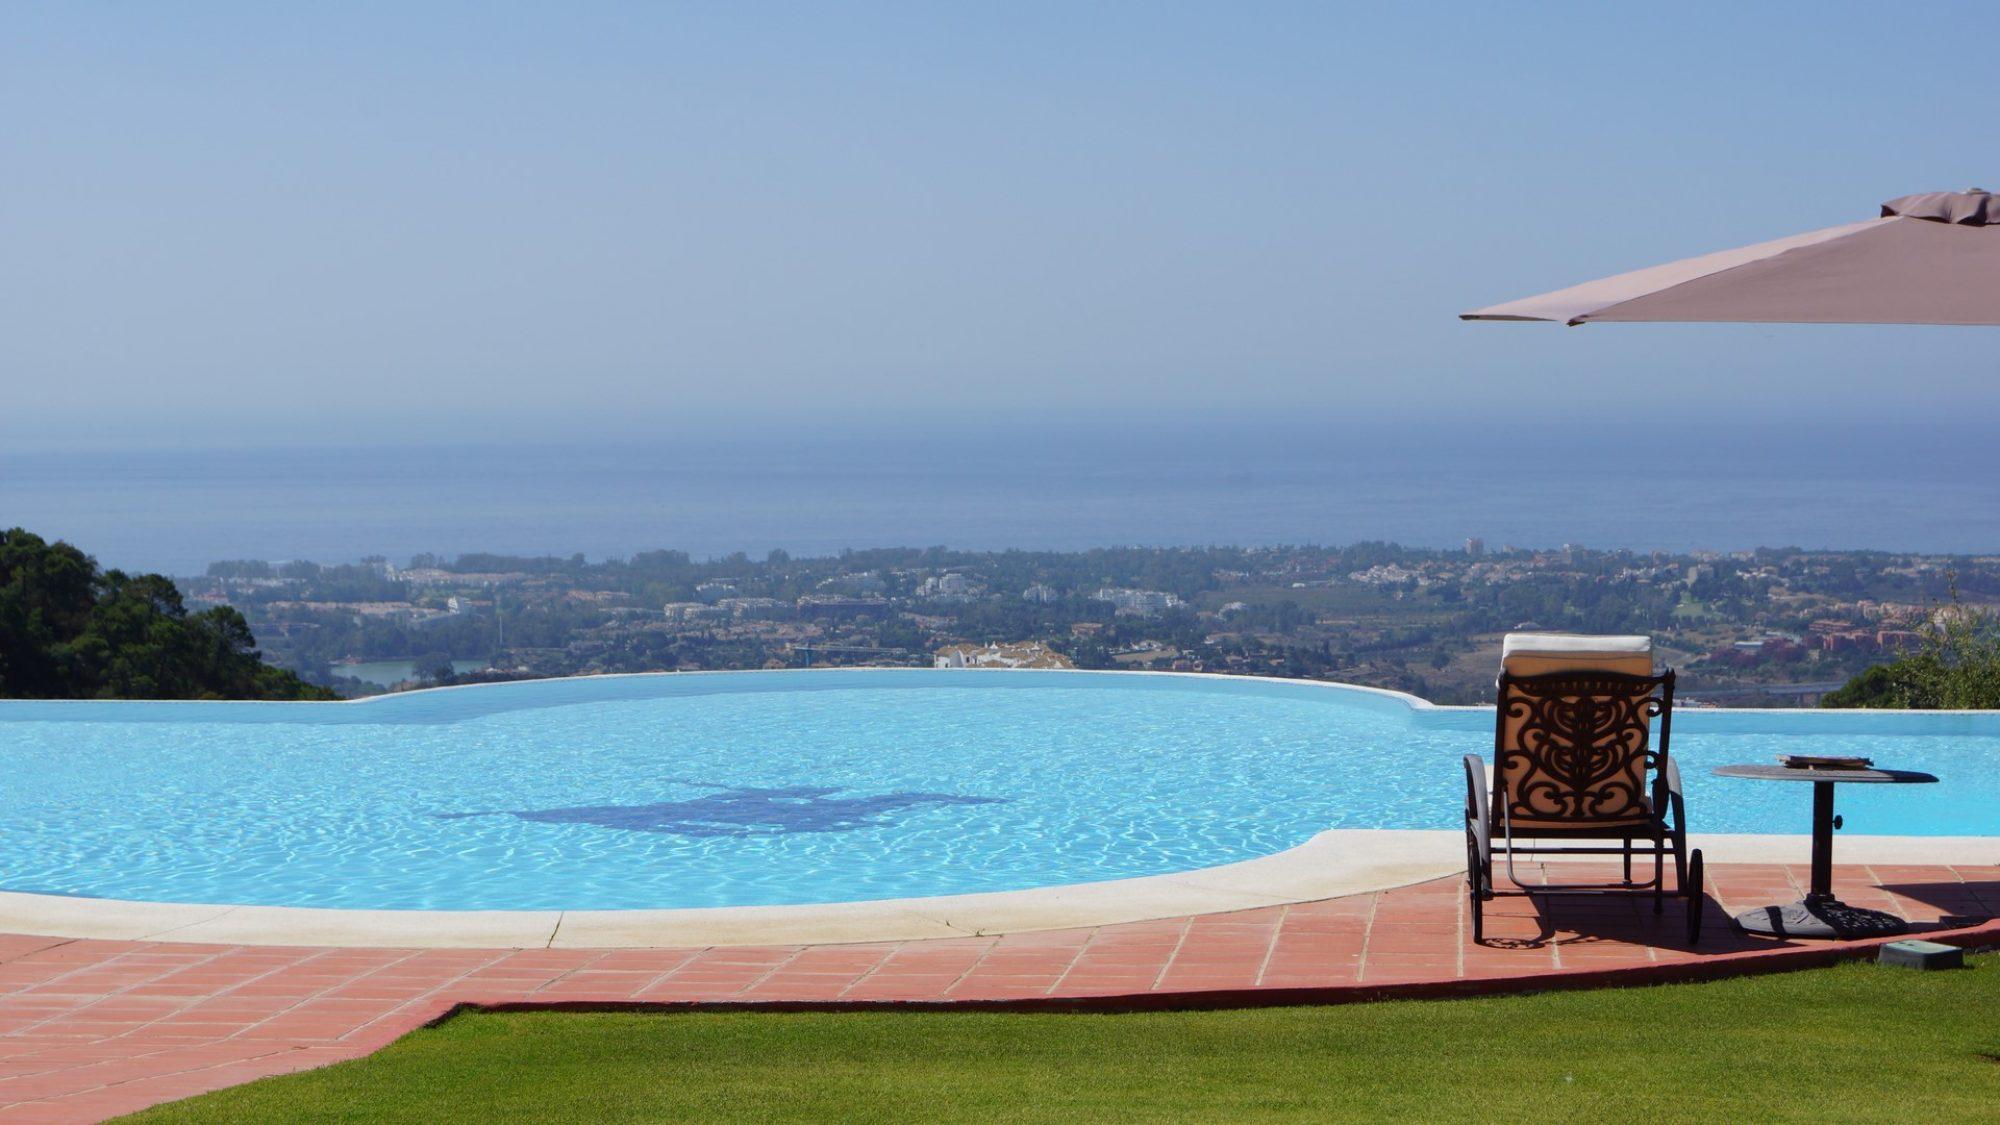 la zagaleta villa for sale pool with views